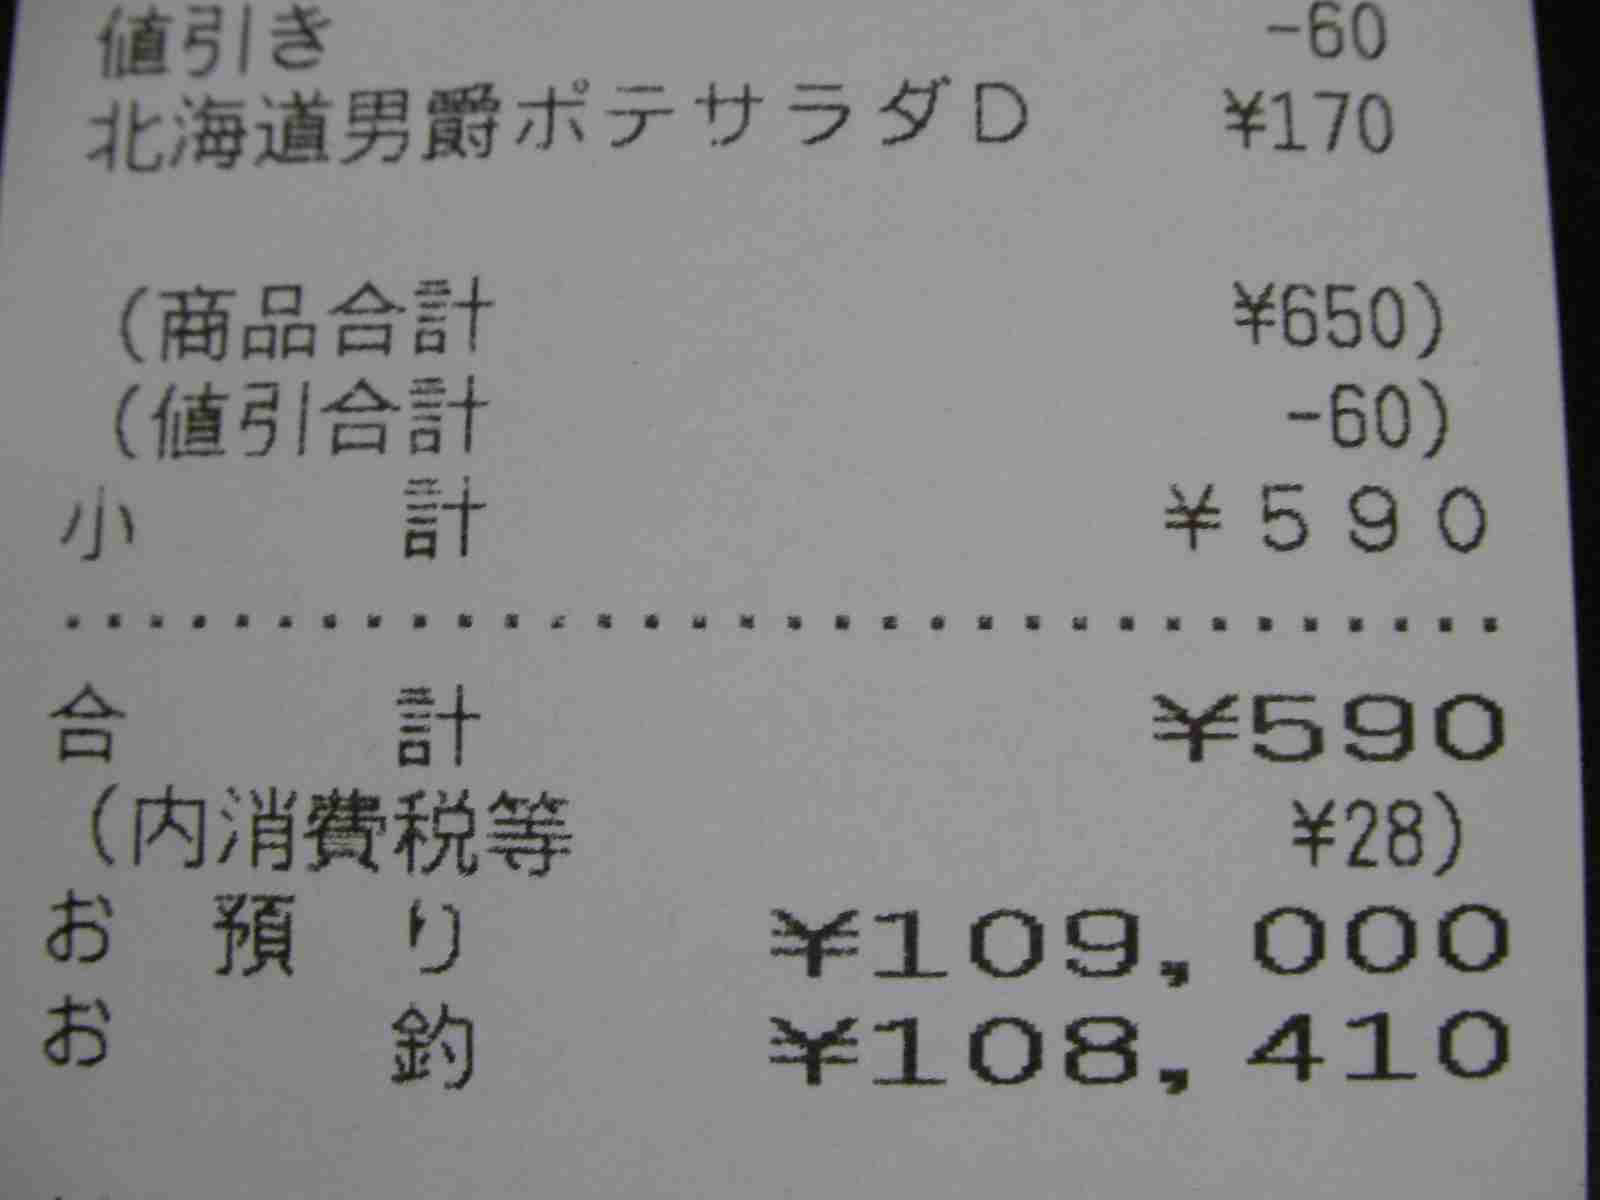 レシートの金額が間違っていた場合返金してもらいますか?